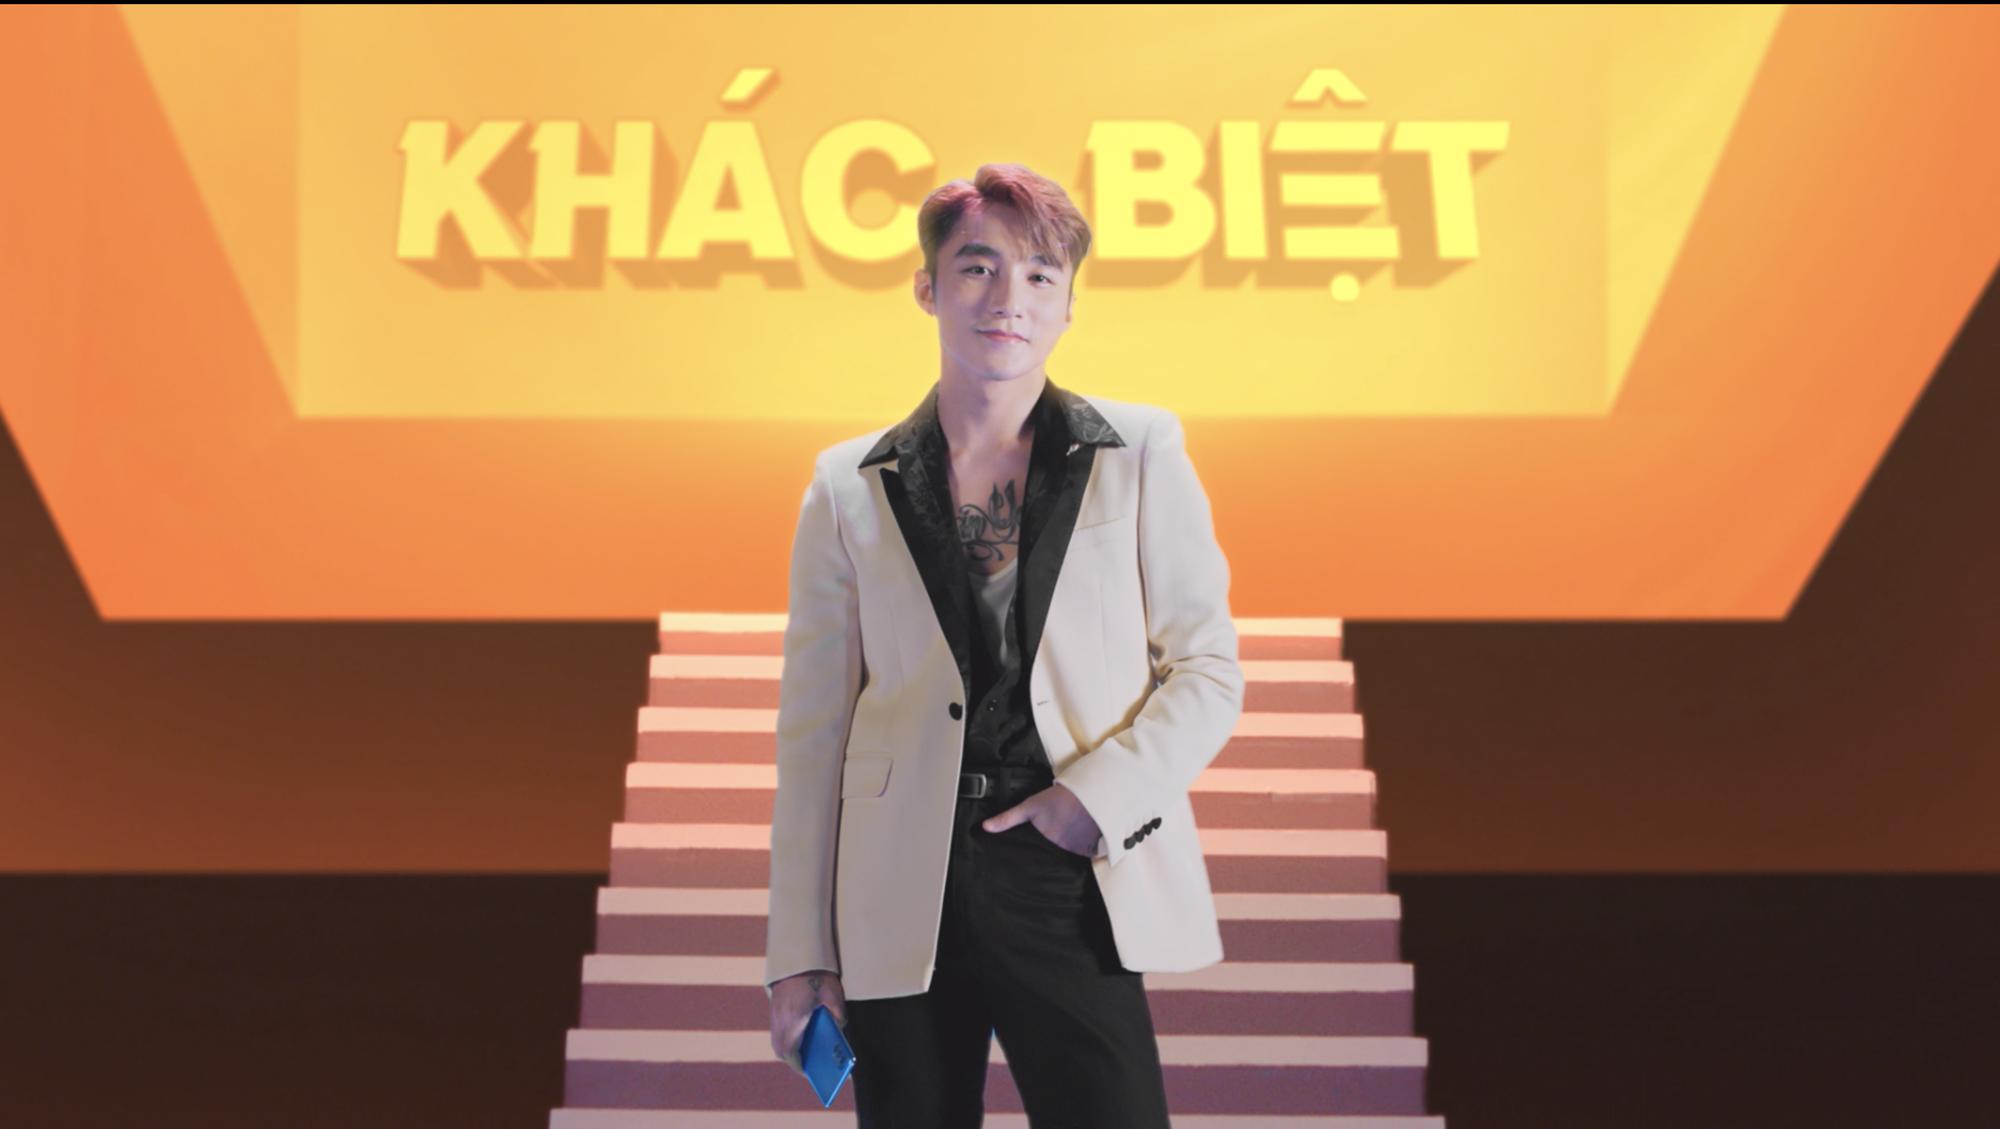 Sự kiện bị hủy, Sơn Tùng sẽ hát live thế nào vào ngày 1.8 tới? - Ảnh 2.